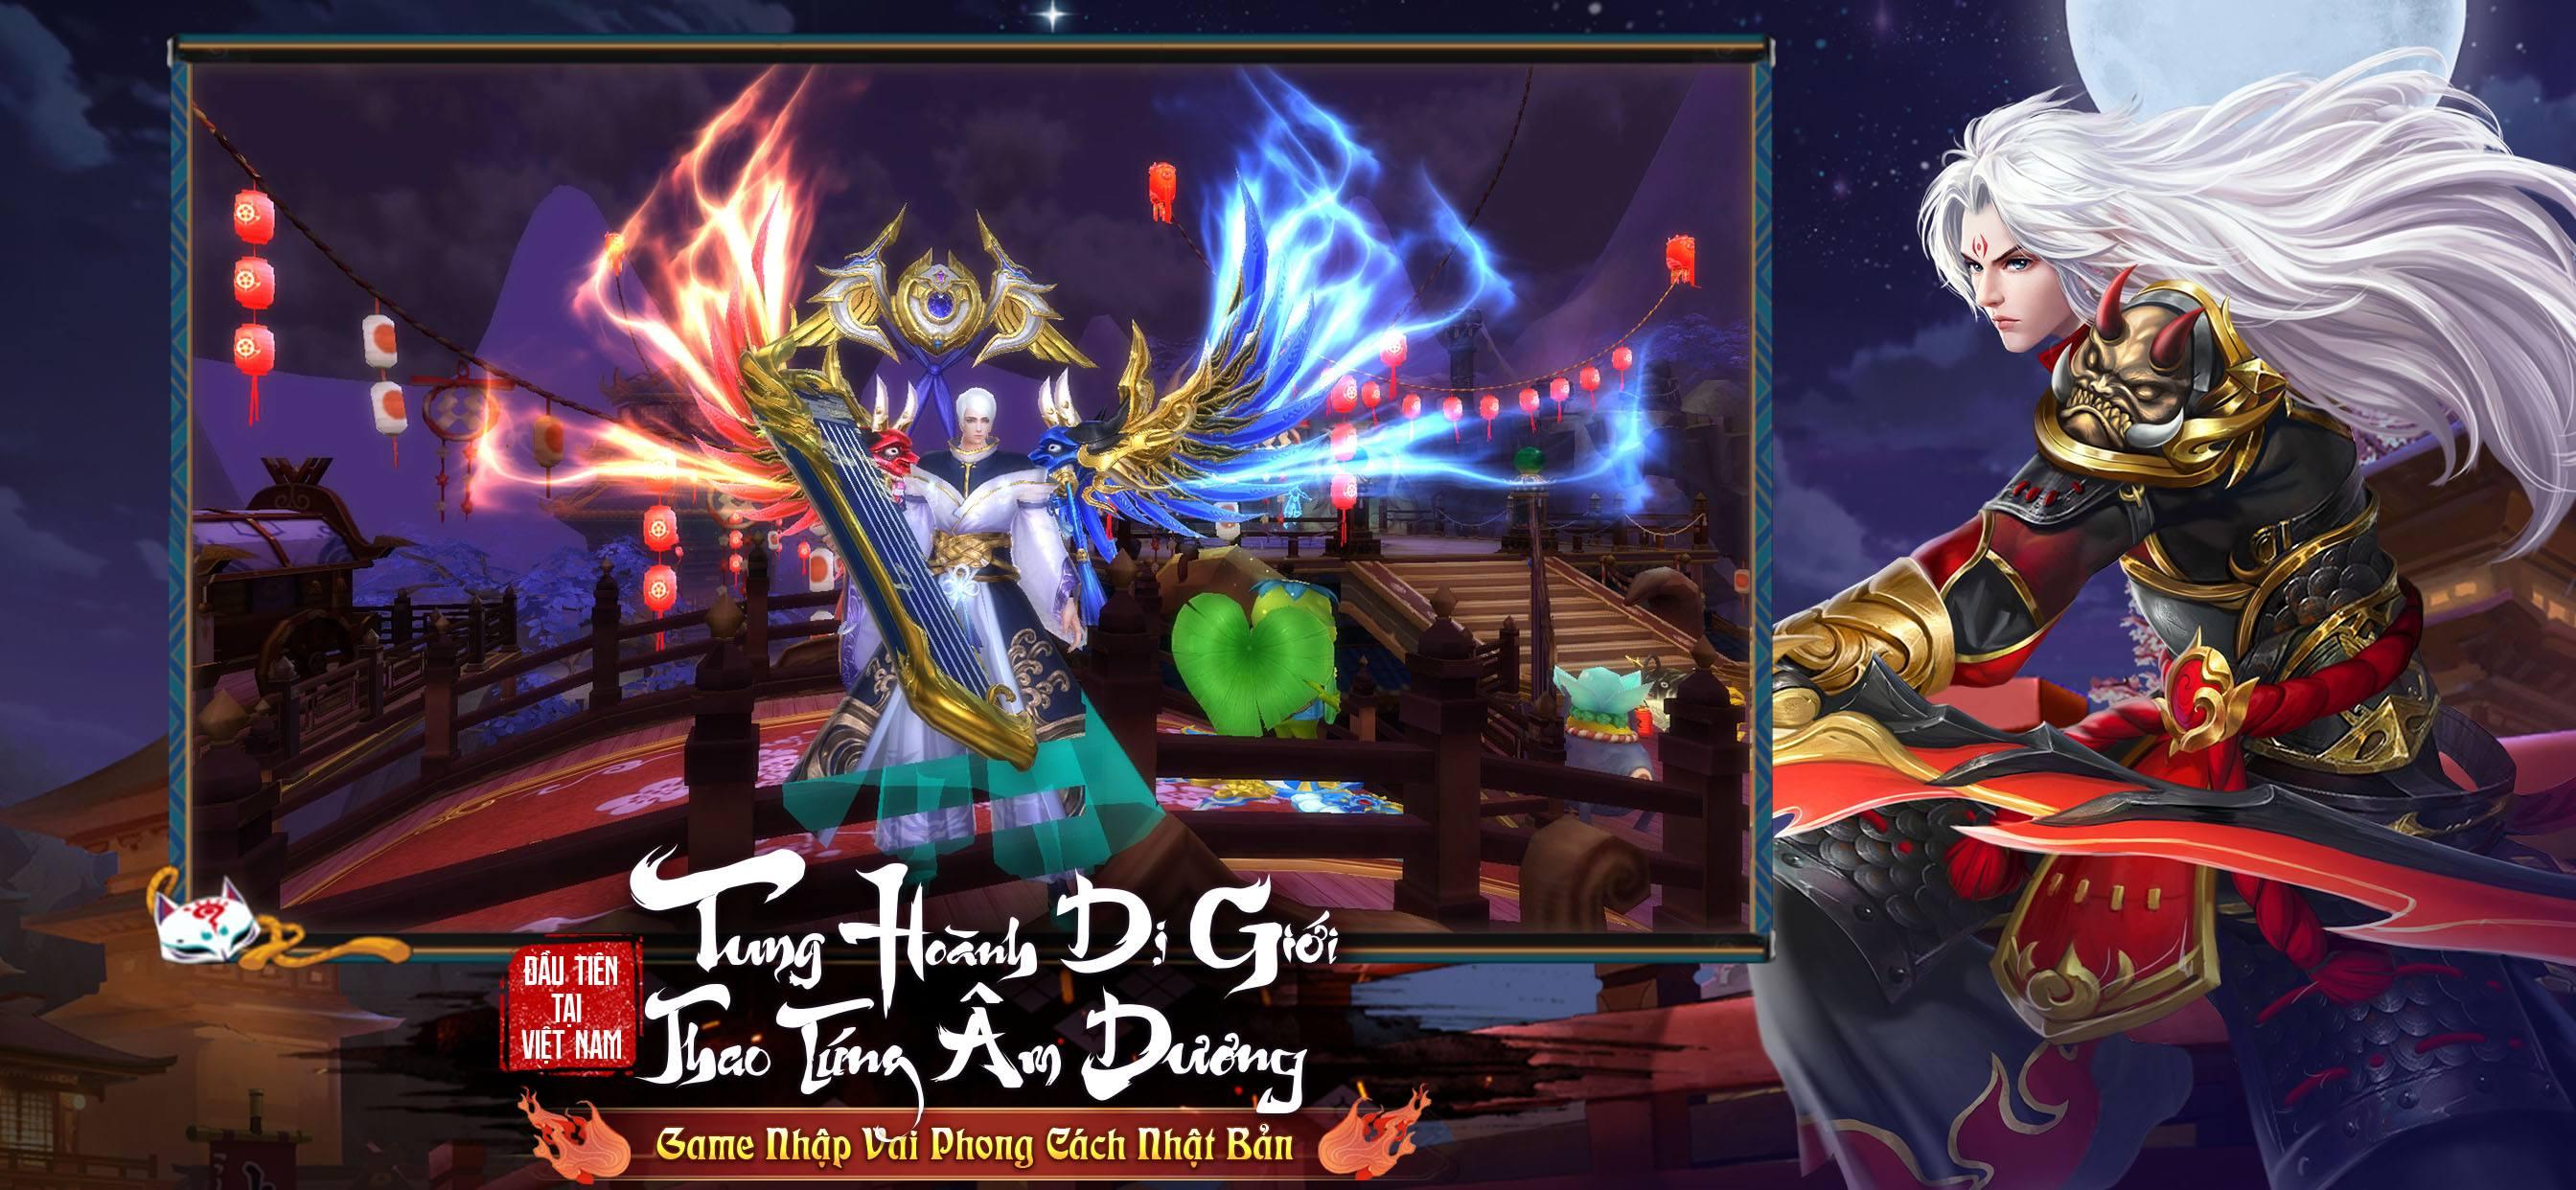 Game mobile Ngự Thần Sư mở đăng ký trước tại Việt Nam